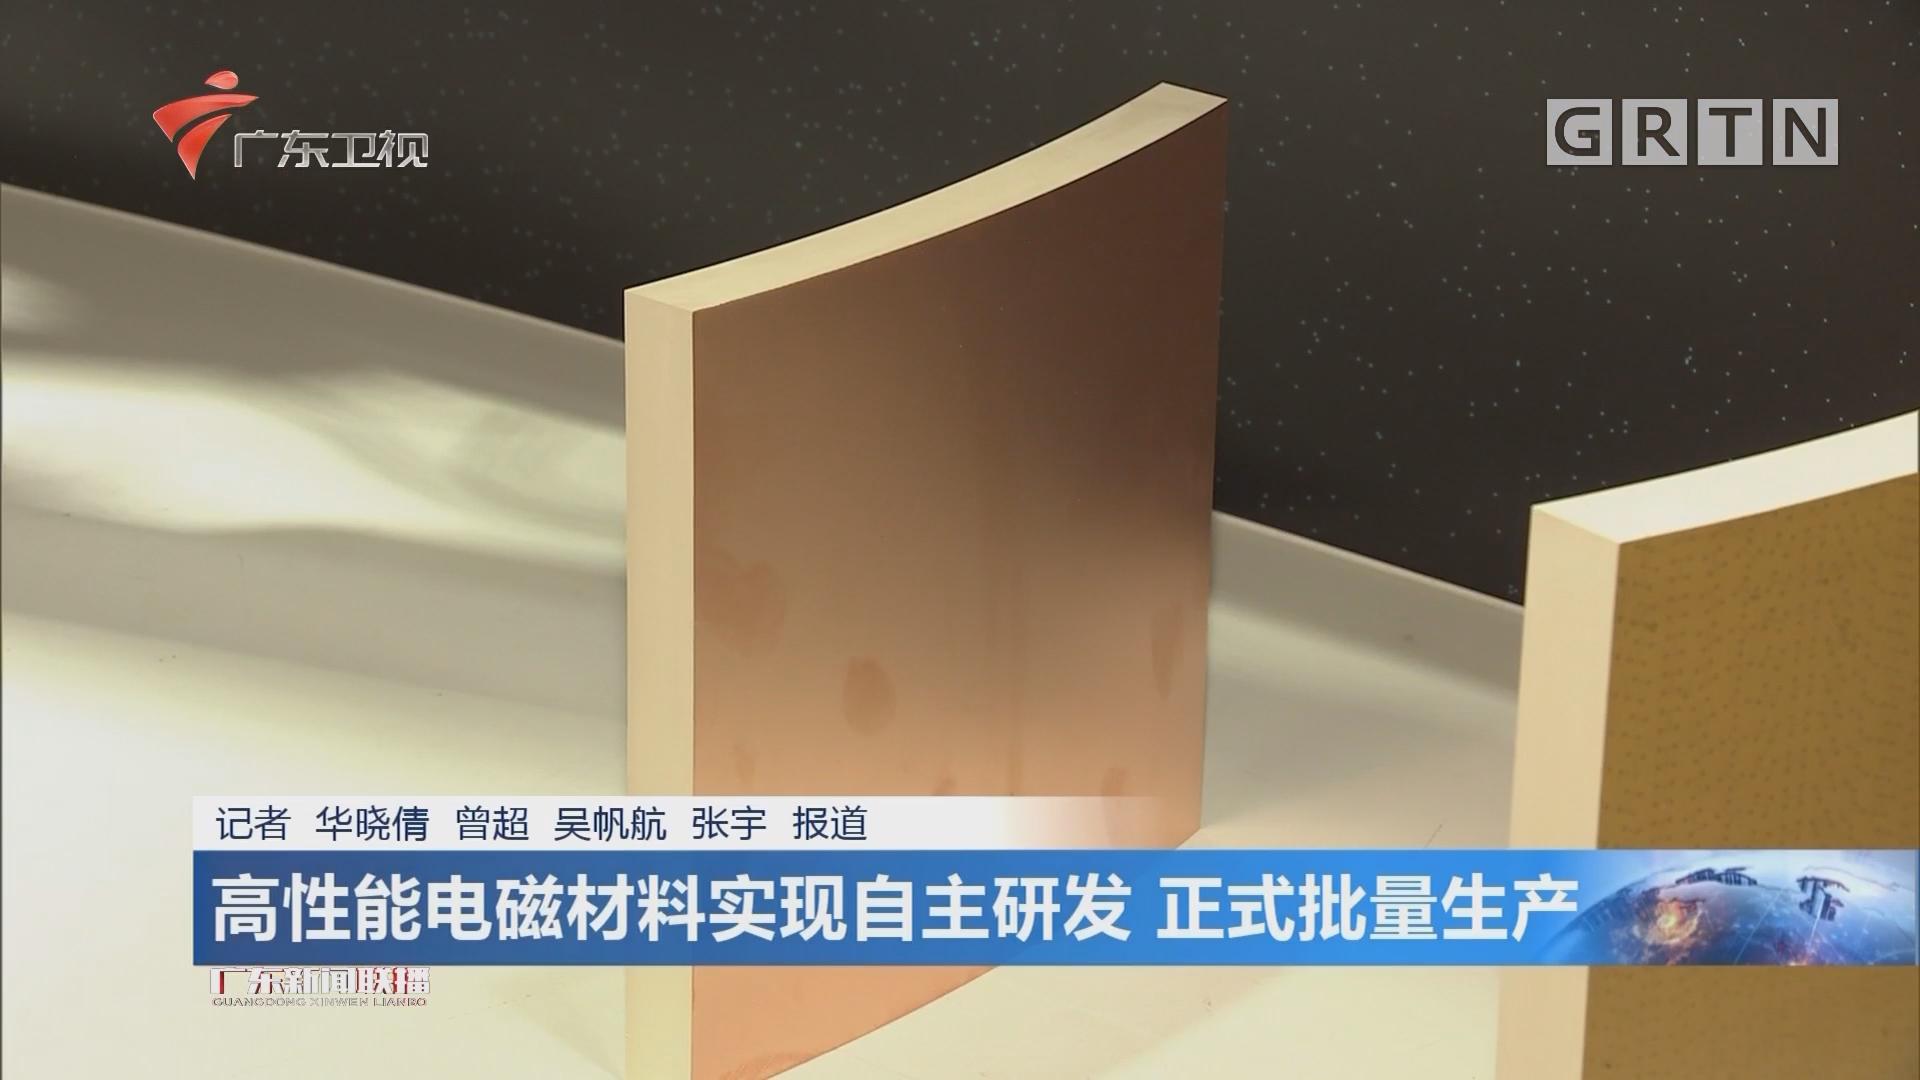 高性能电磁材料实现自主研发 正式批量生产